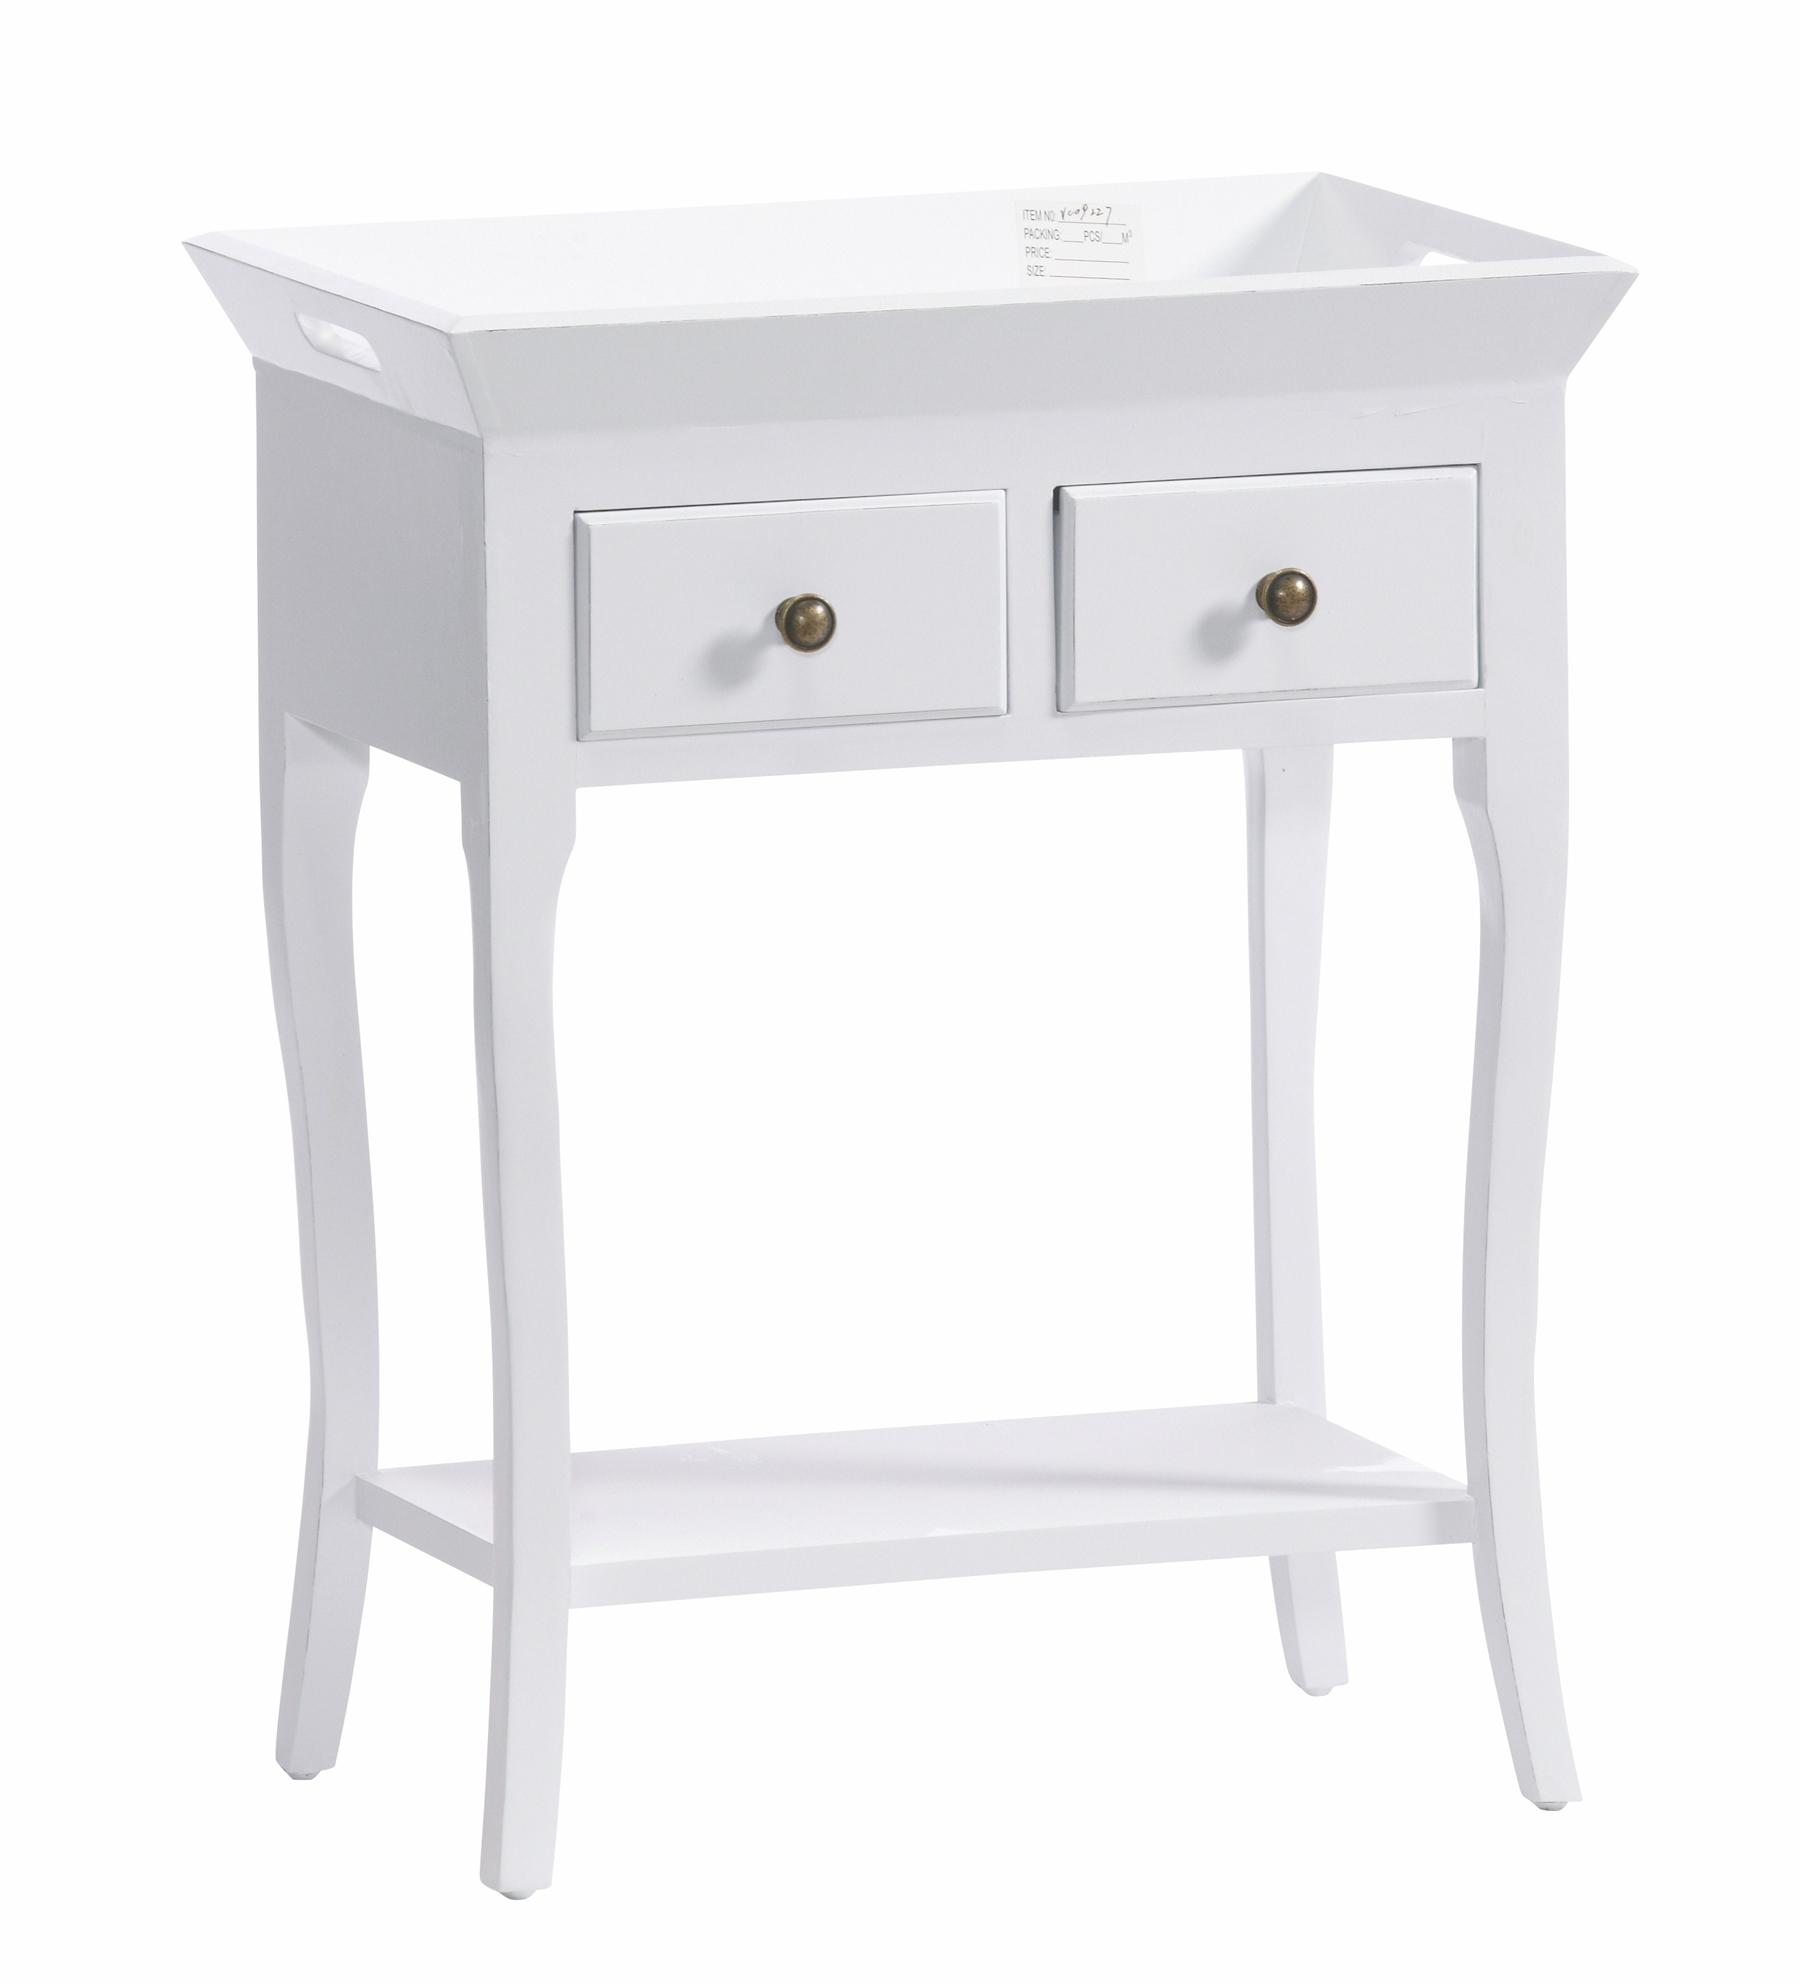 Mega Hvidt konsolbord 60x68x35cm - Se Hvide møbler & Spejle BZ95